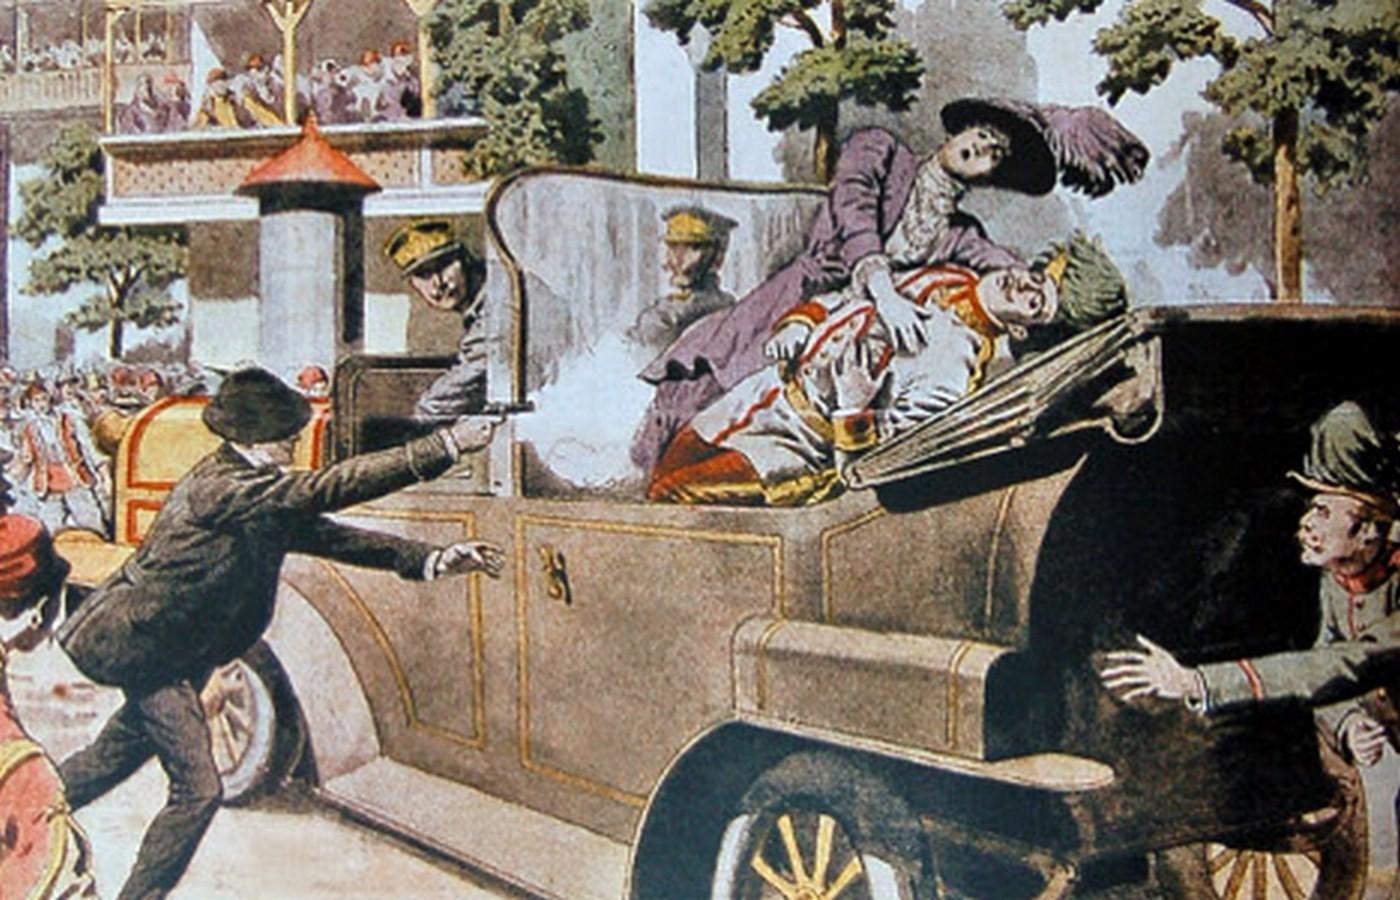 Атентат на аустријског престолонаследника Франца Фердинанда (1863-1914) и његову супругу Софију (1868-1914) 28. јуна 1914.